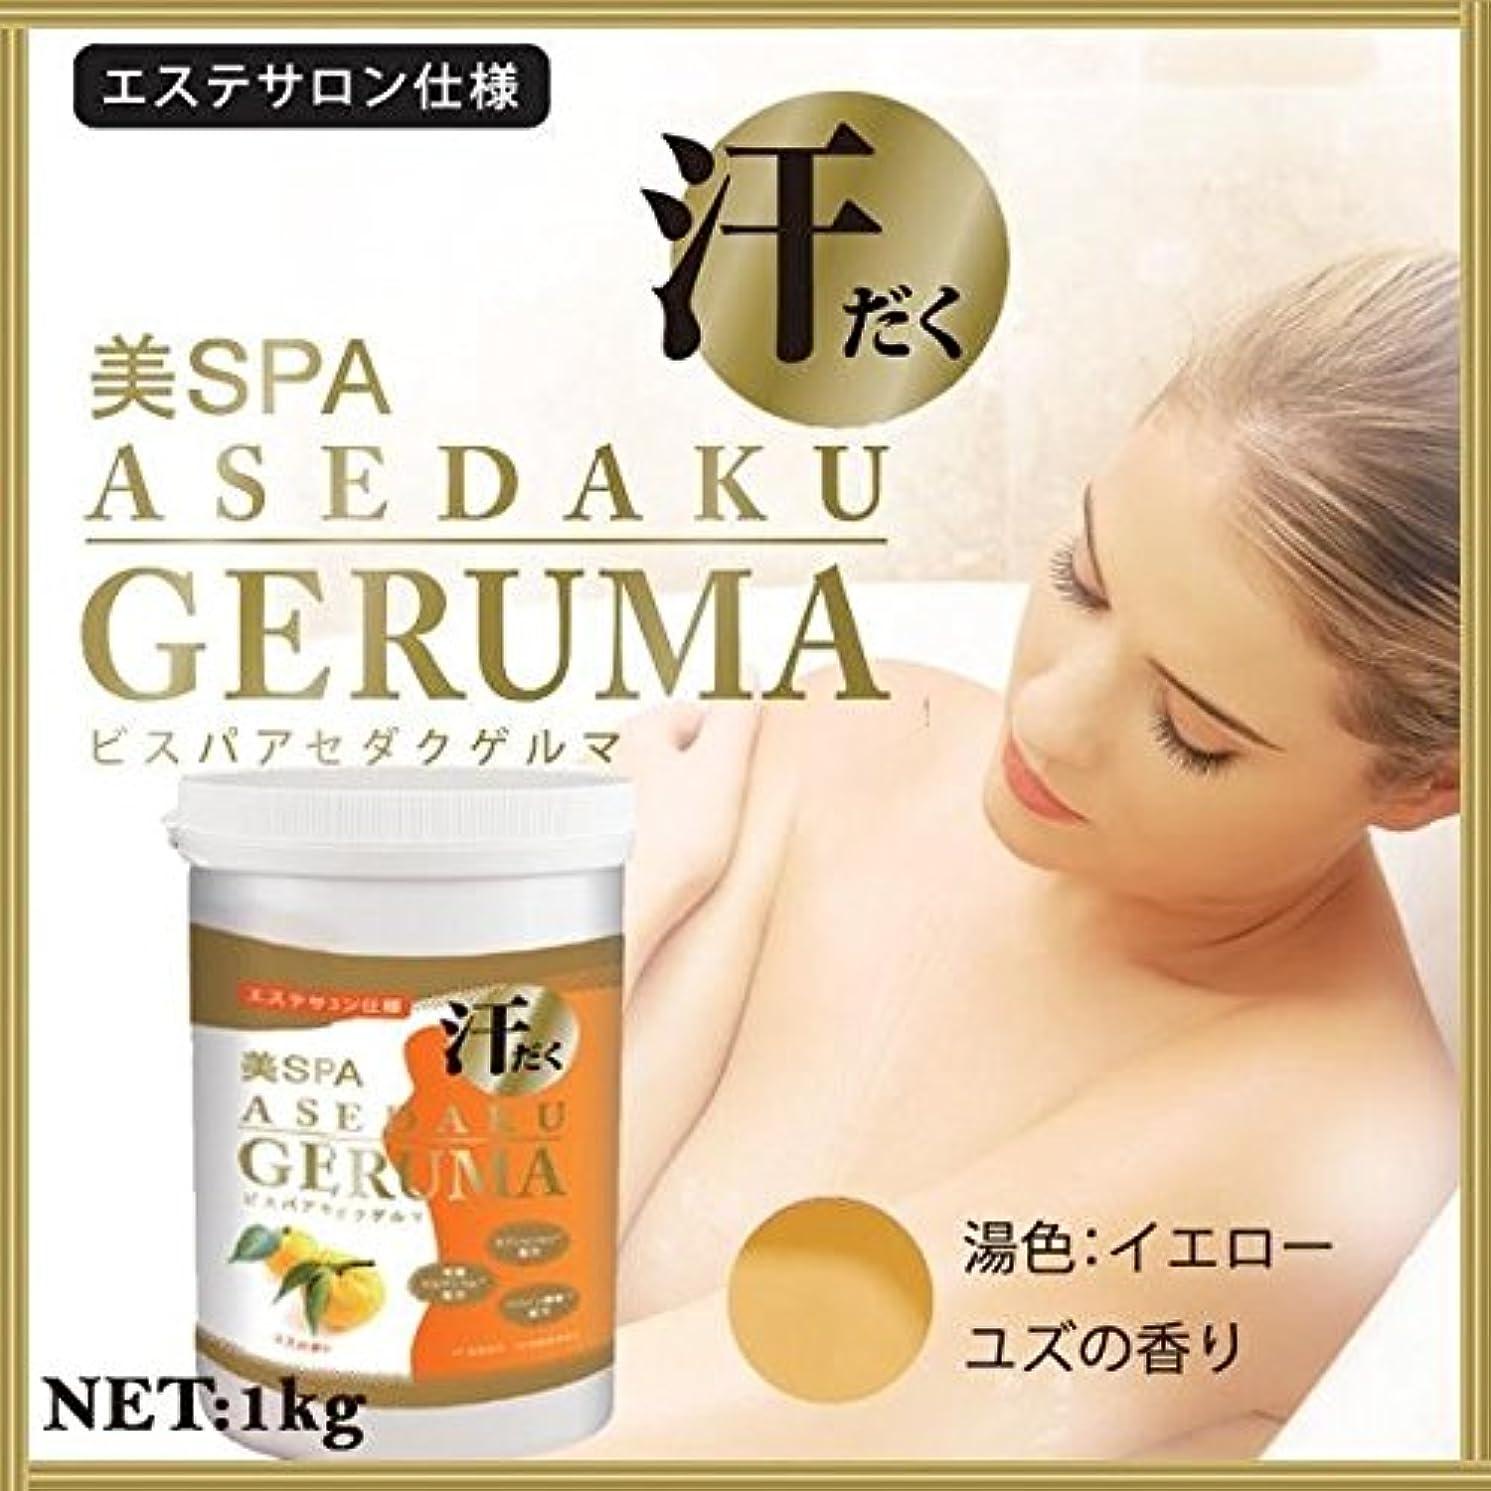 ジュース奇妙な創造ゲルマニウム入浴料 美SPA ASEDAKU GERUMA YUZU(ゆず) ボトル 1kg